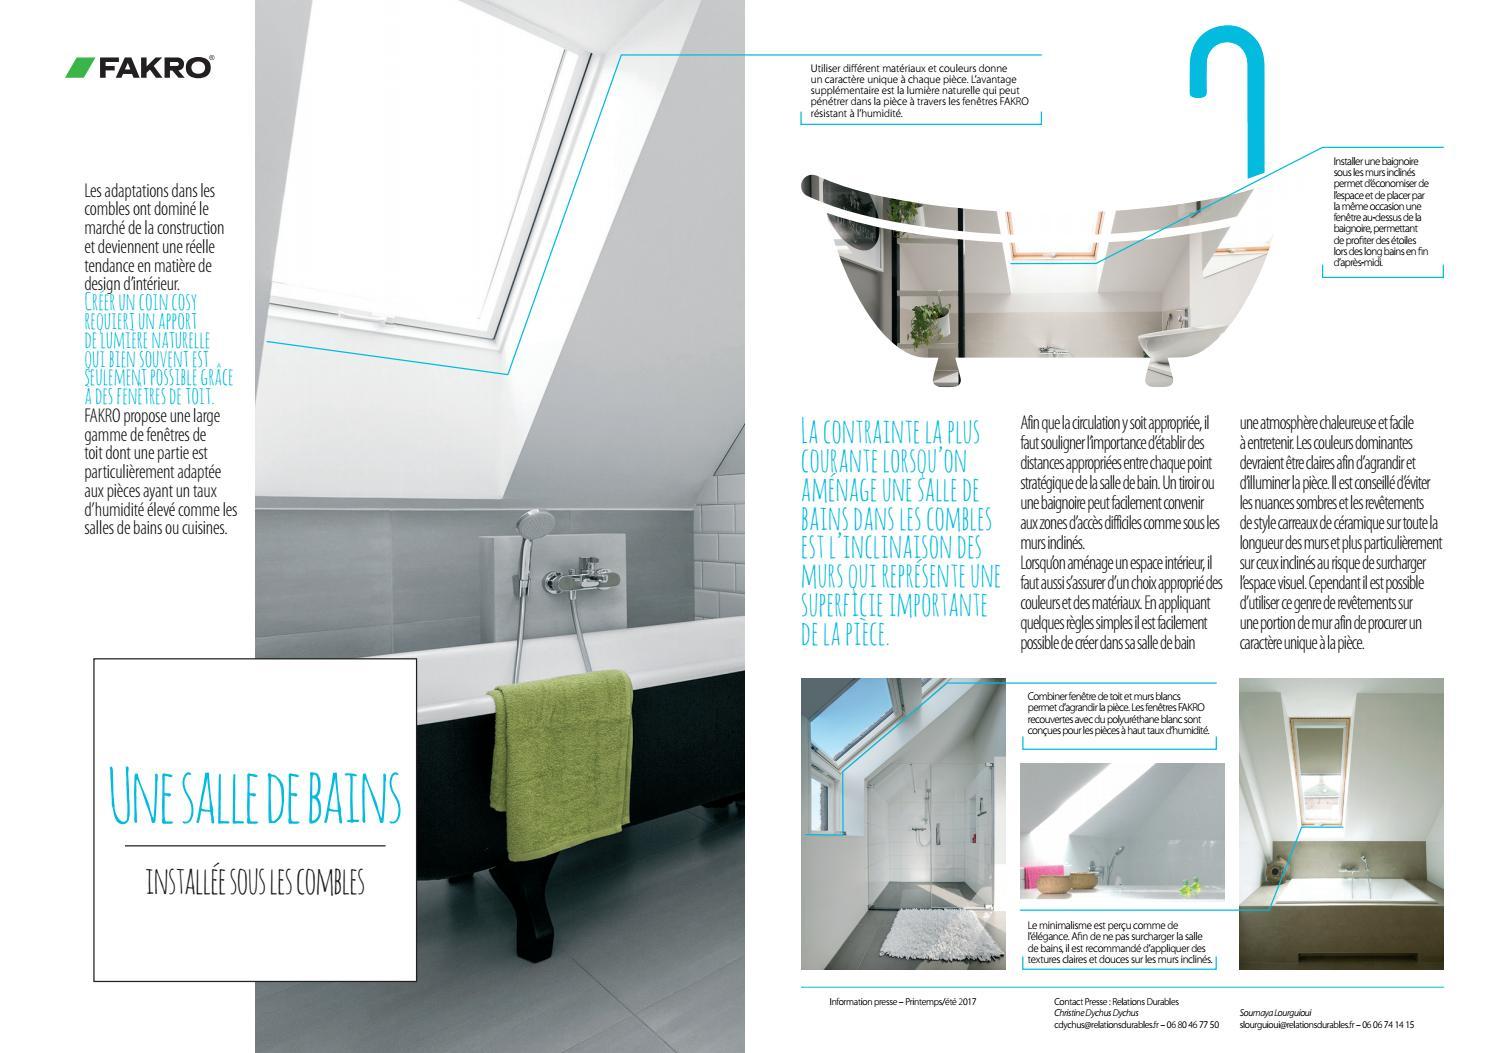 Installer Salle De Bains Combles une salle de bain installée sous les comblesfakro - issuu